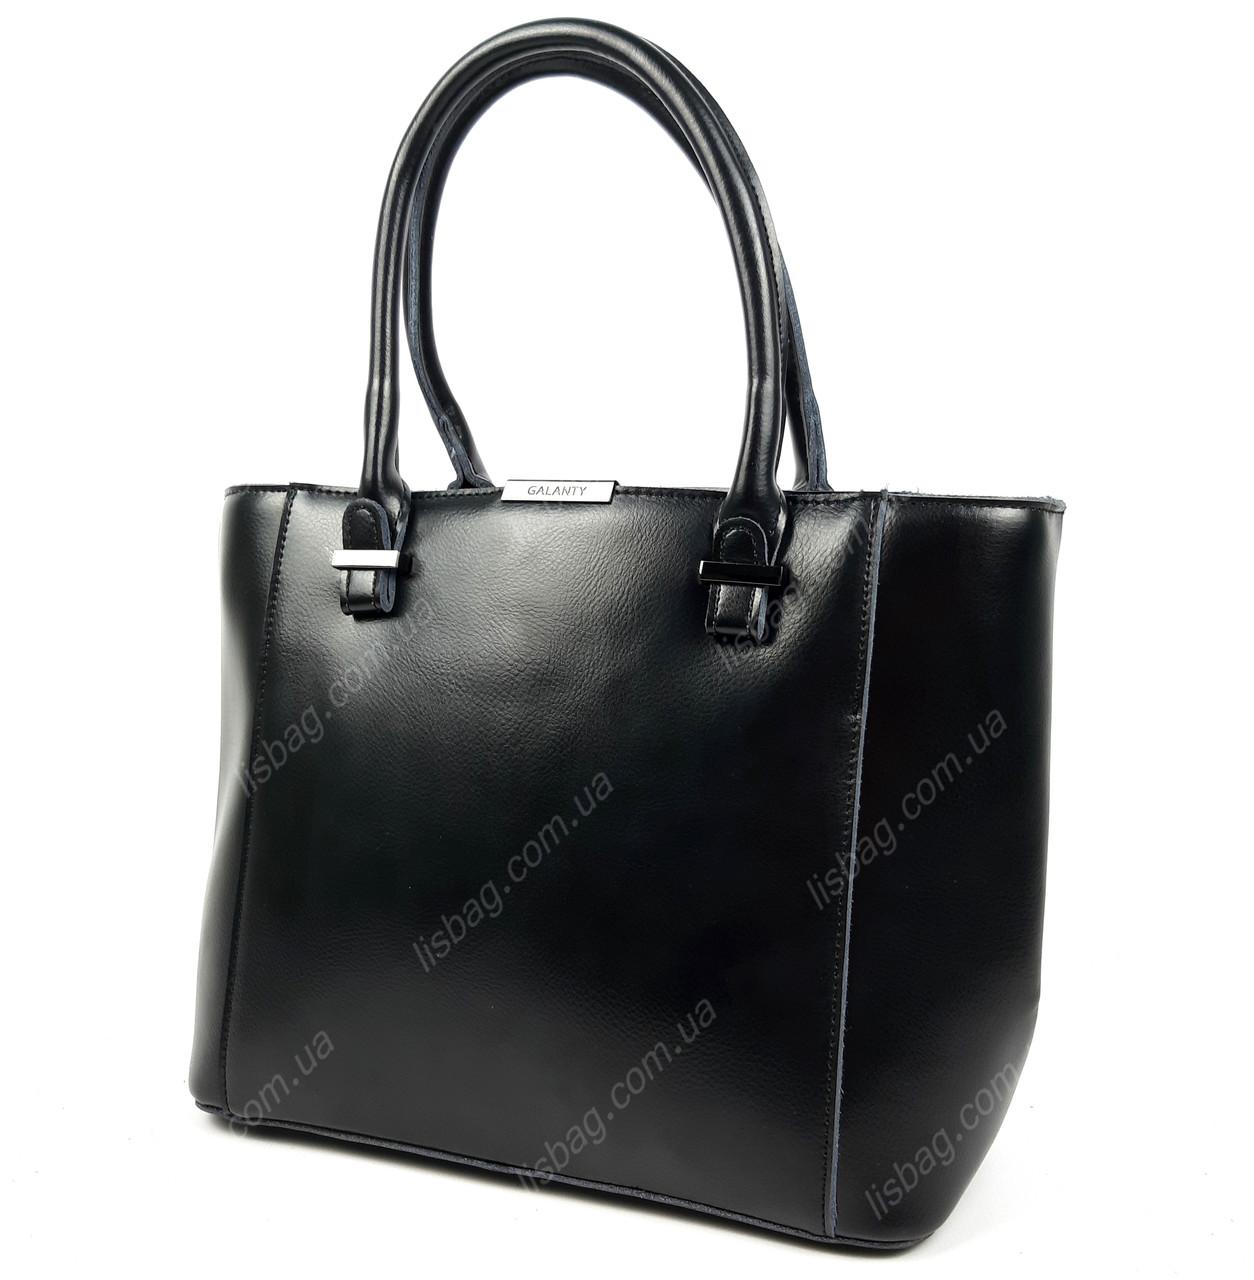 7ba12a8217a3 Вместительная черная сумка из натуральной кожи Galanty для повседневной  носки, 2018